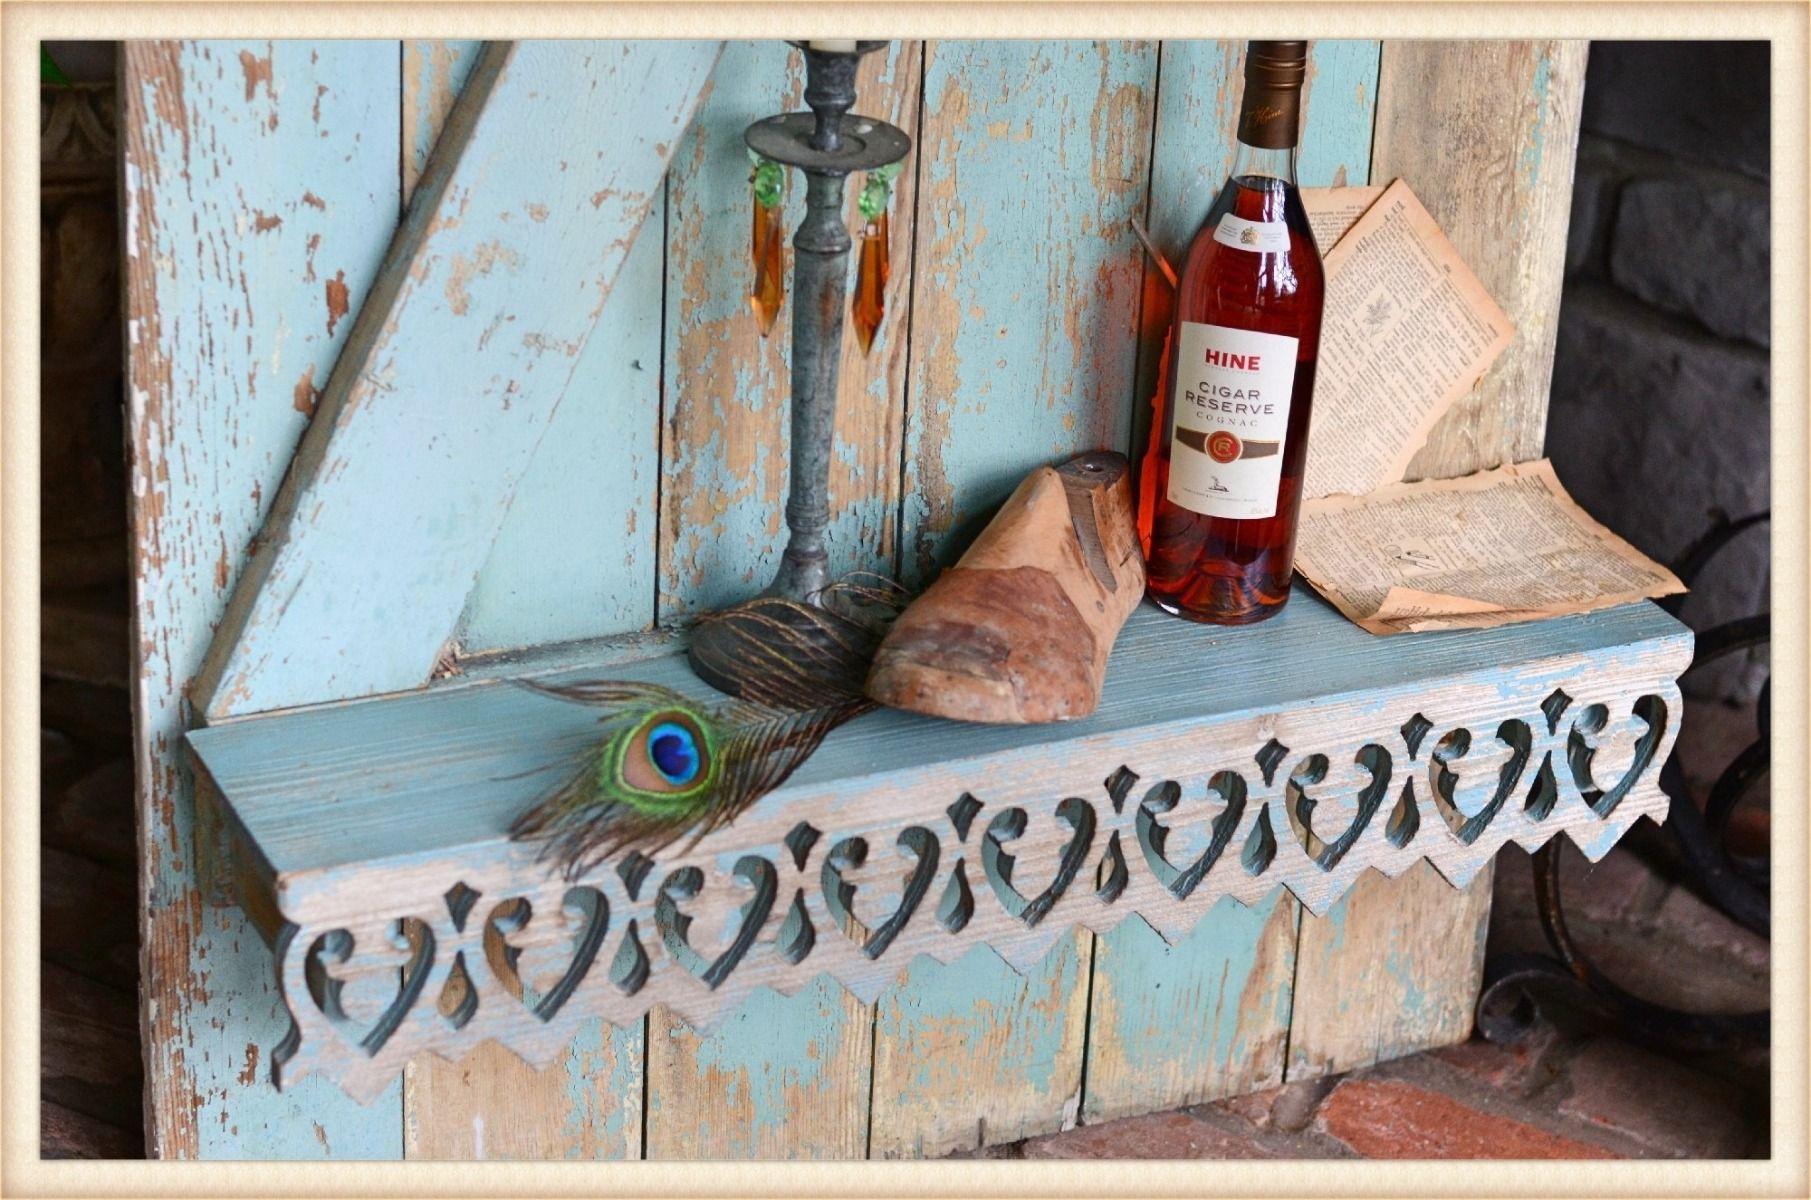 peacock scrollwork shelf